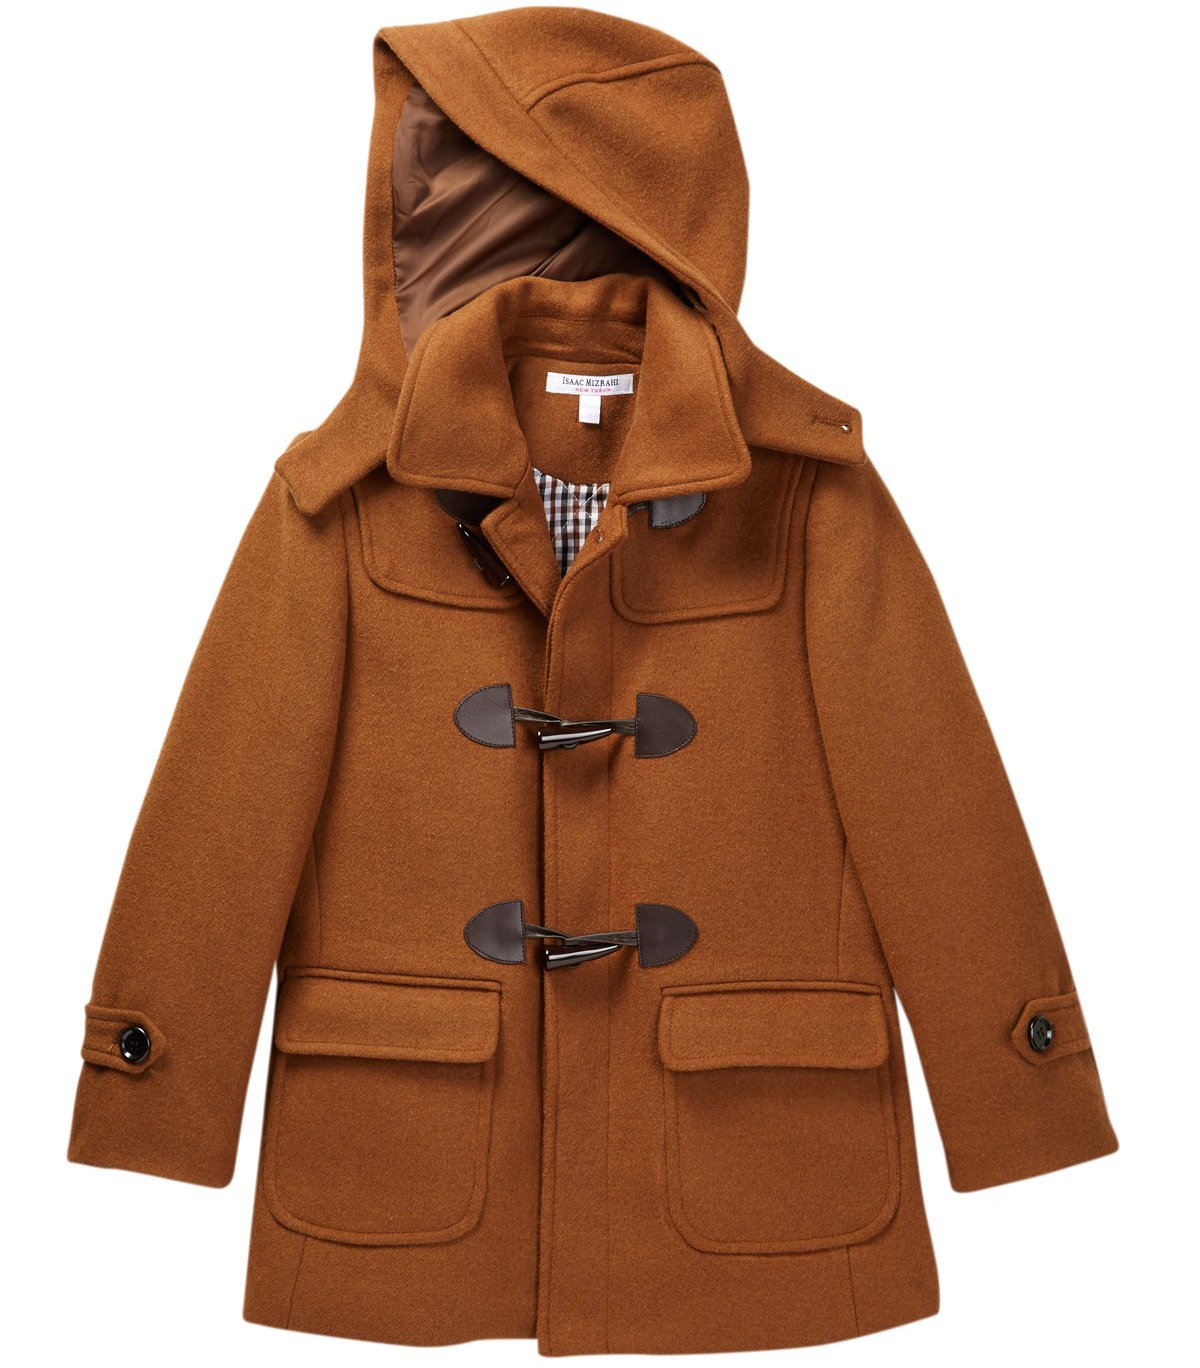 Isaac Mizrahi Boy's CT1004 Solid Wool Toggle Coat with Removble Hood - Tan - 14 by Isaac Mizrahi